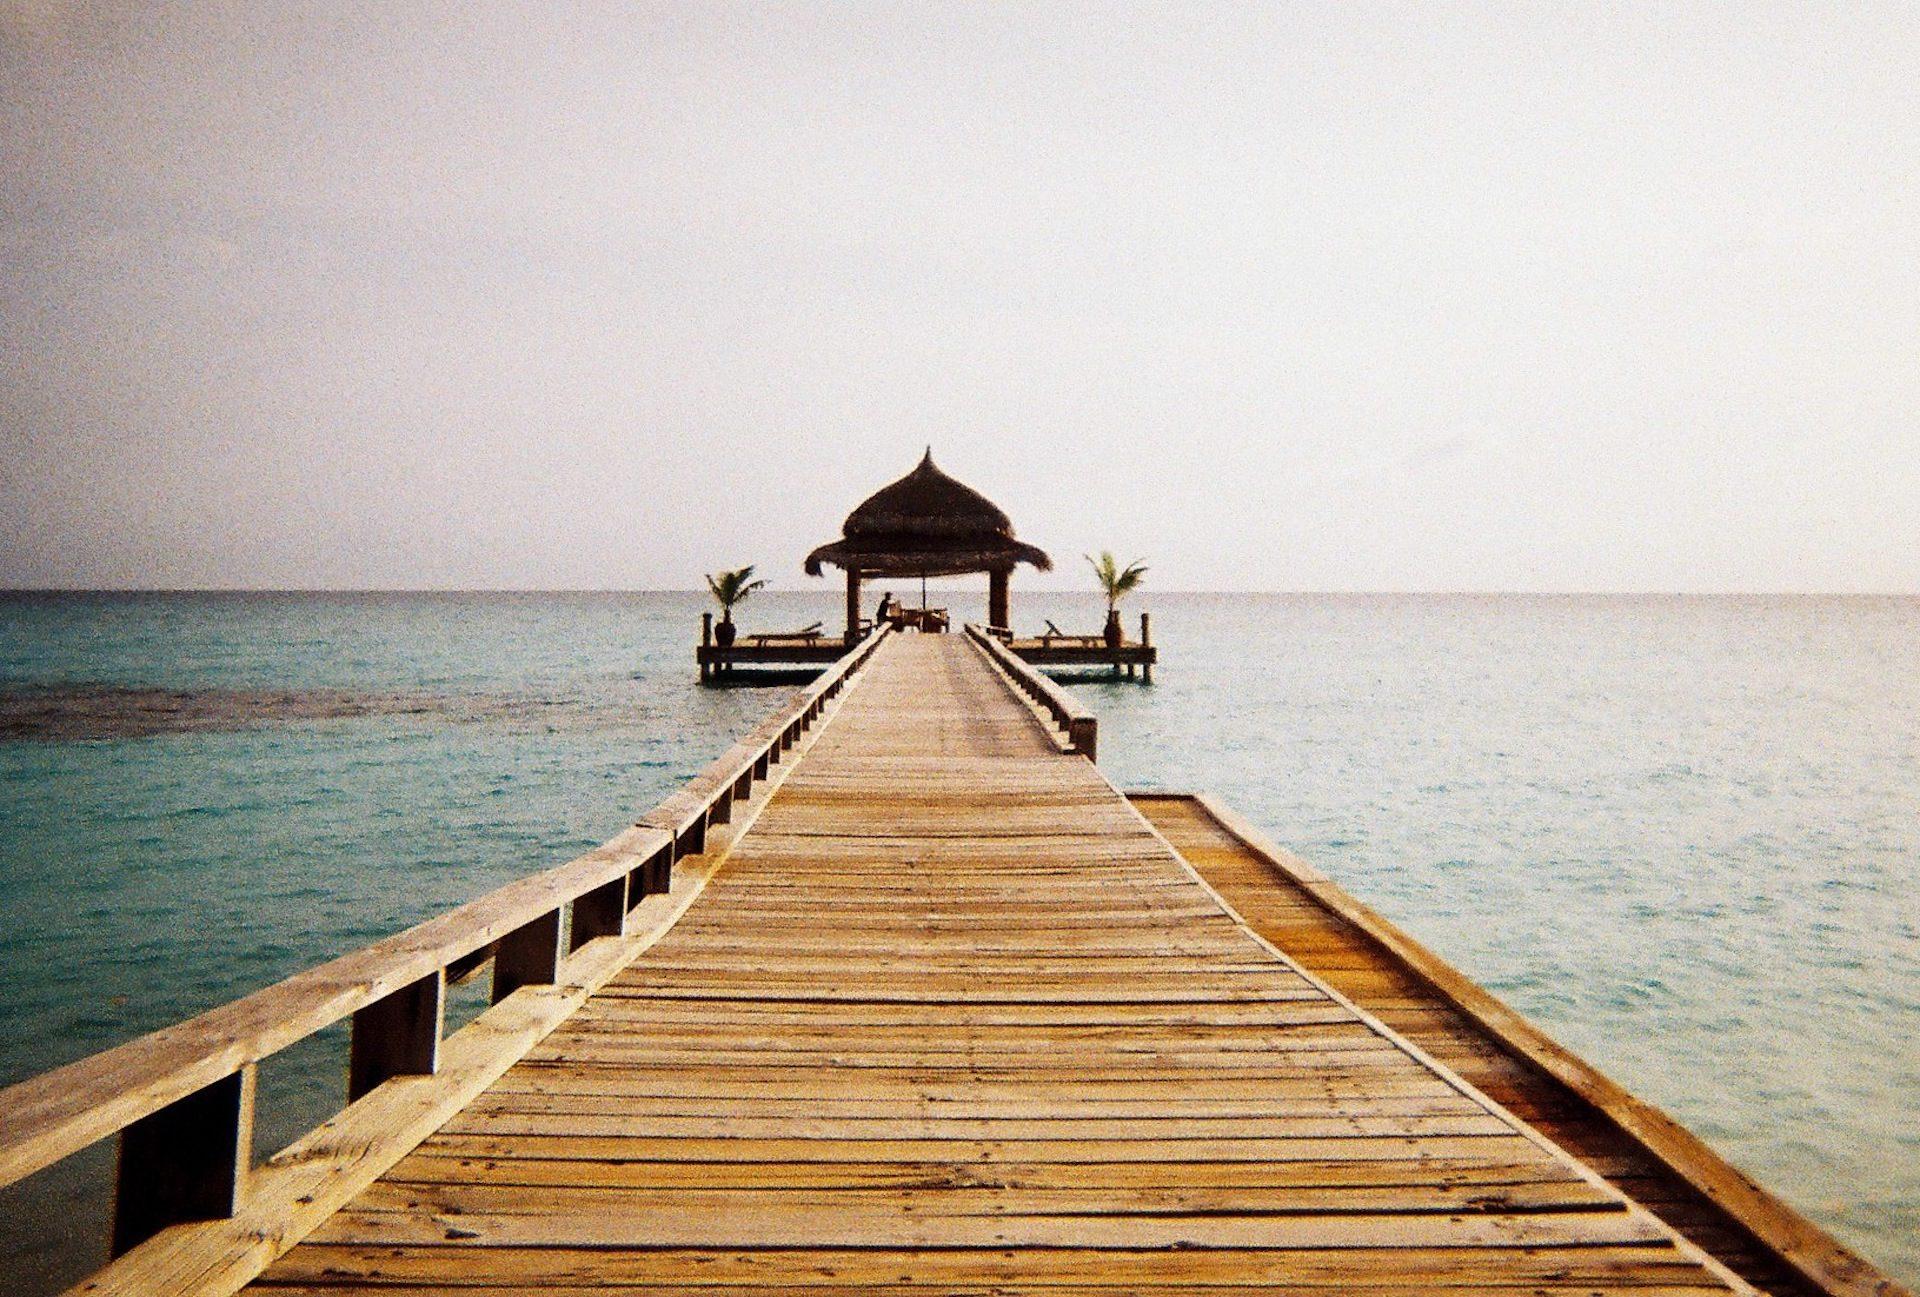 Malediven, Strand, Hafen, Holz, Rest, Entspannen Sie sich - Wallpaper HD - Prof.-falken.com